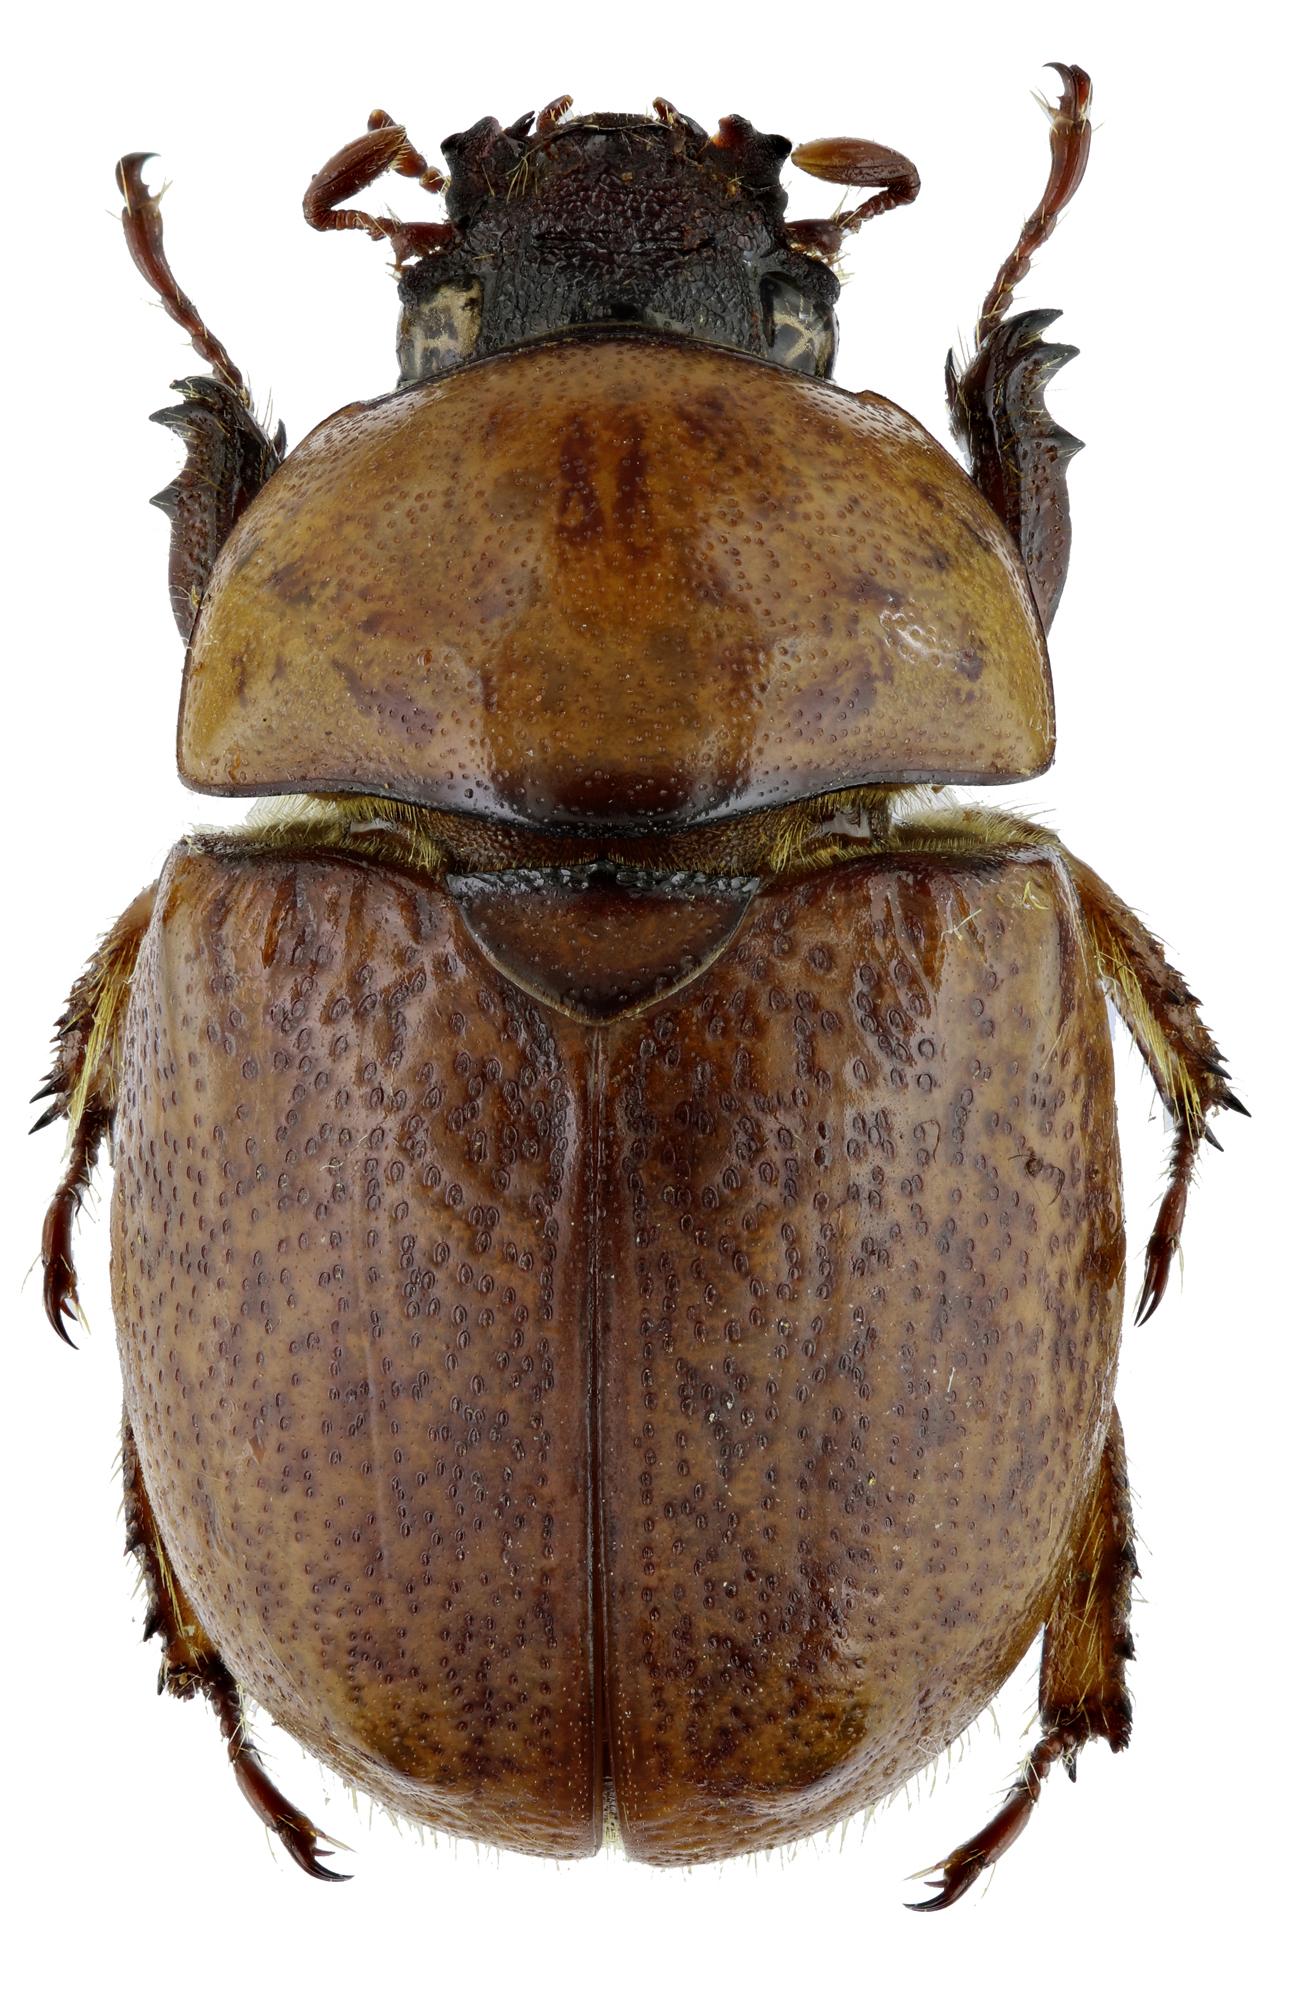 Dicaulocephalus feae 20462zs80.jpg